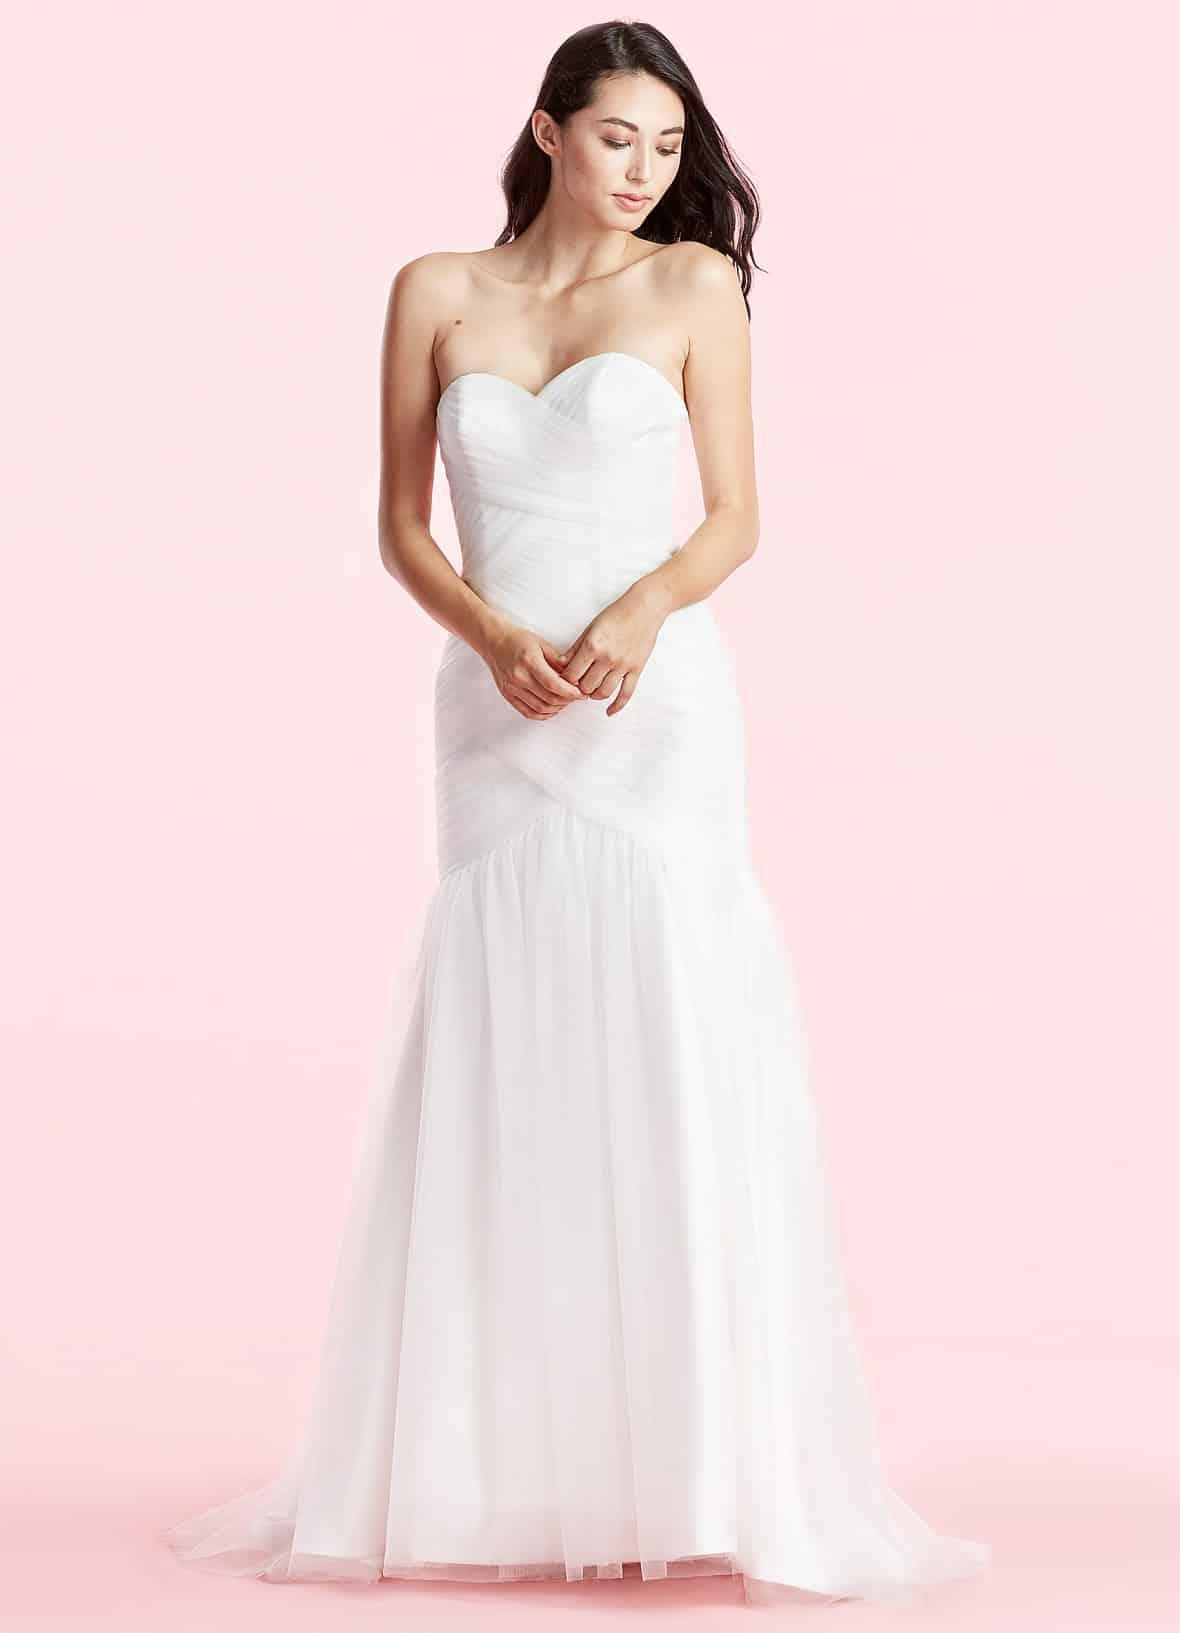 Azazie - Misty Dress - $249